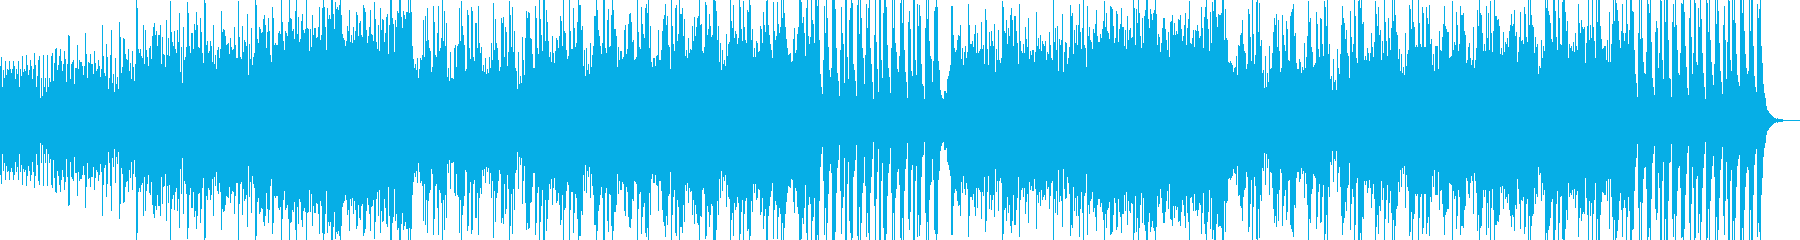 緊迫感溢れる壮大な楽曲の再生済みの波形